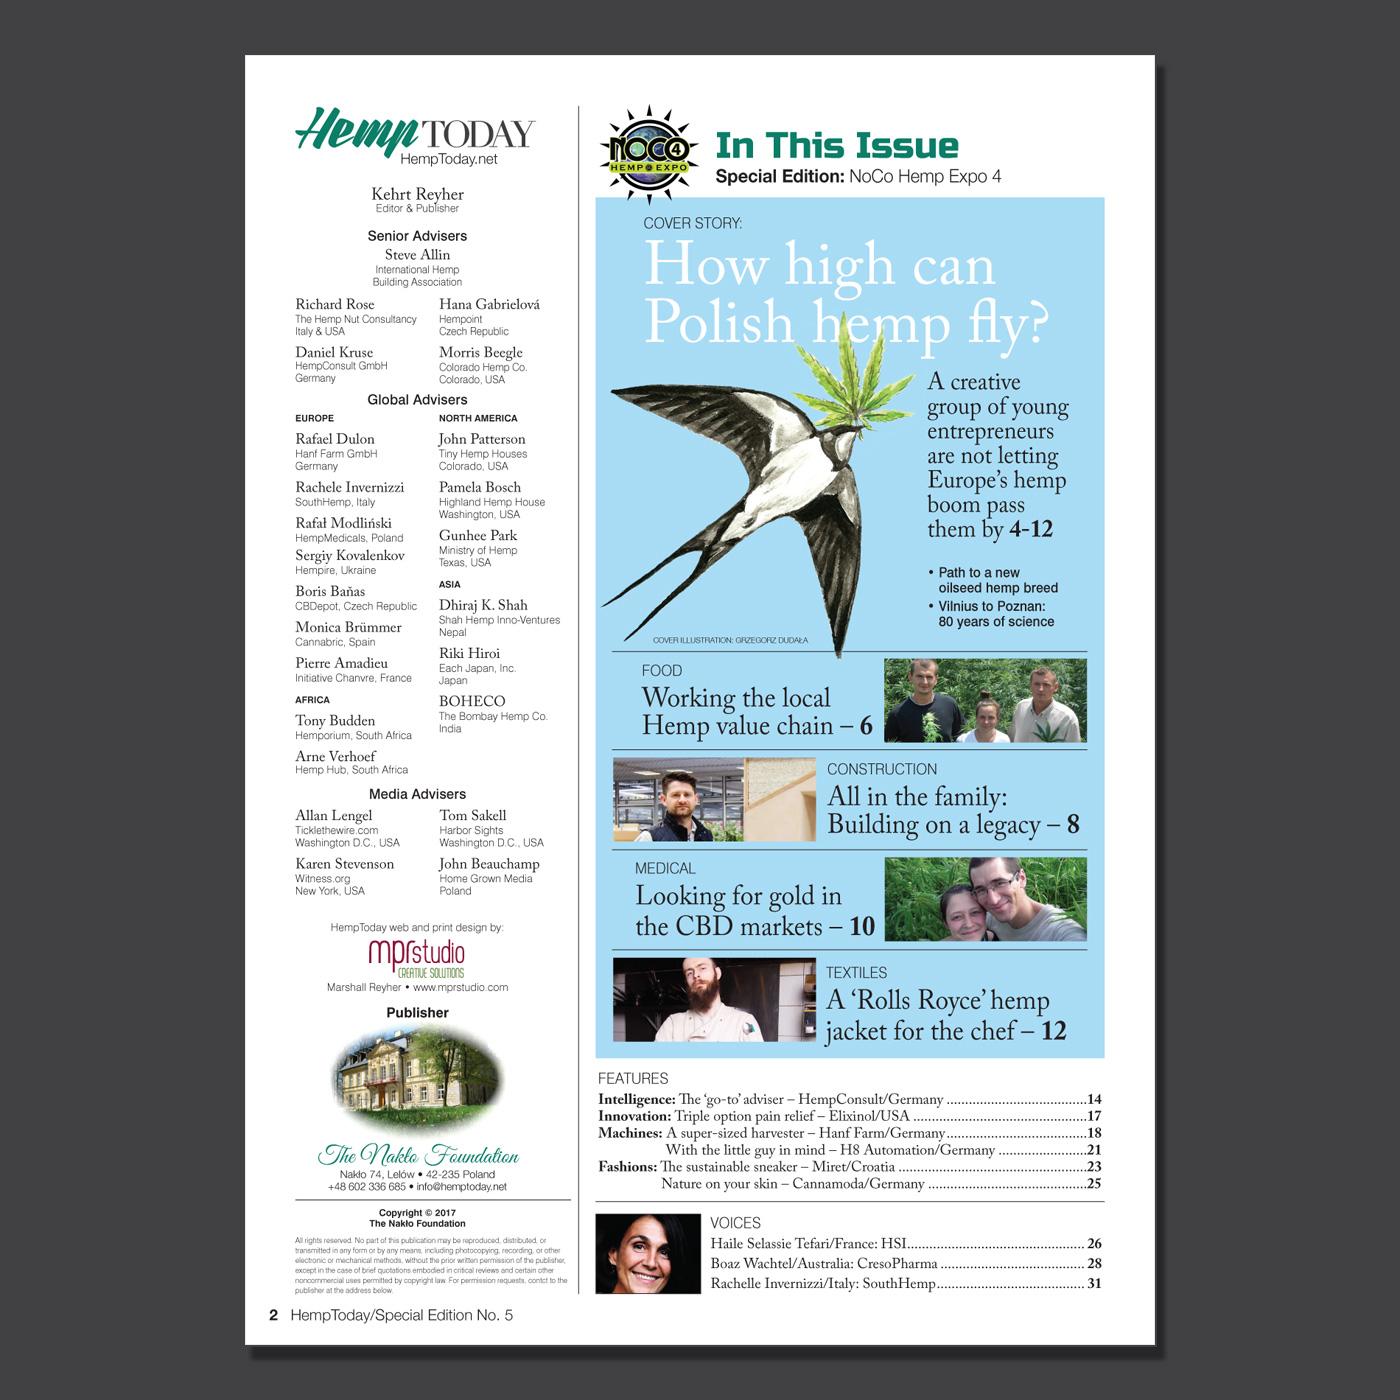 NoCo Hemp Expo 4 print magazine table of contents